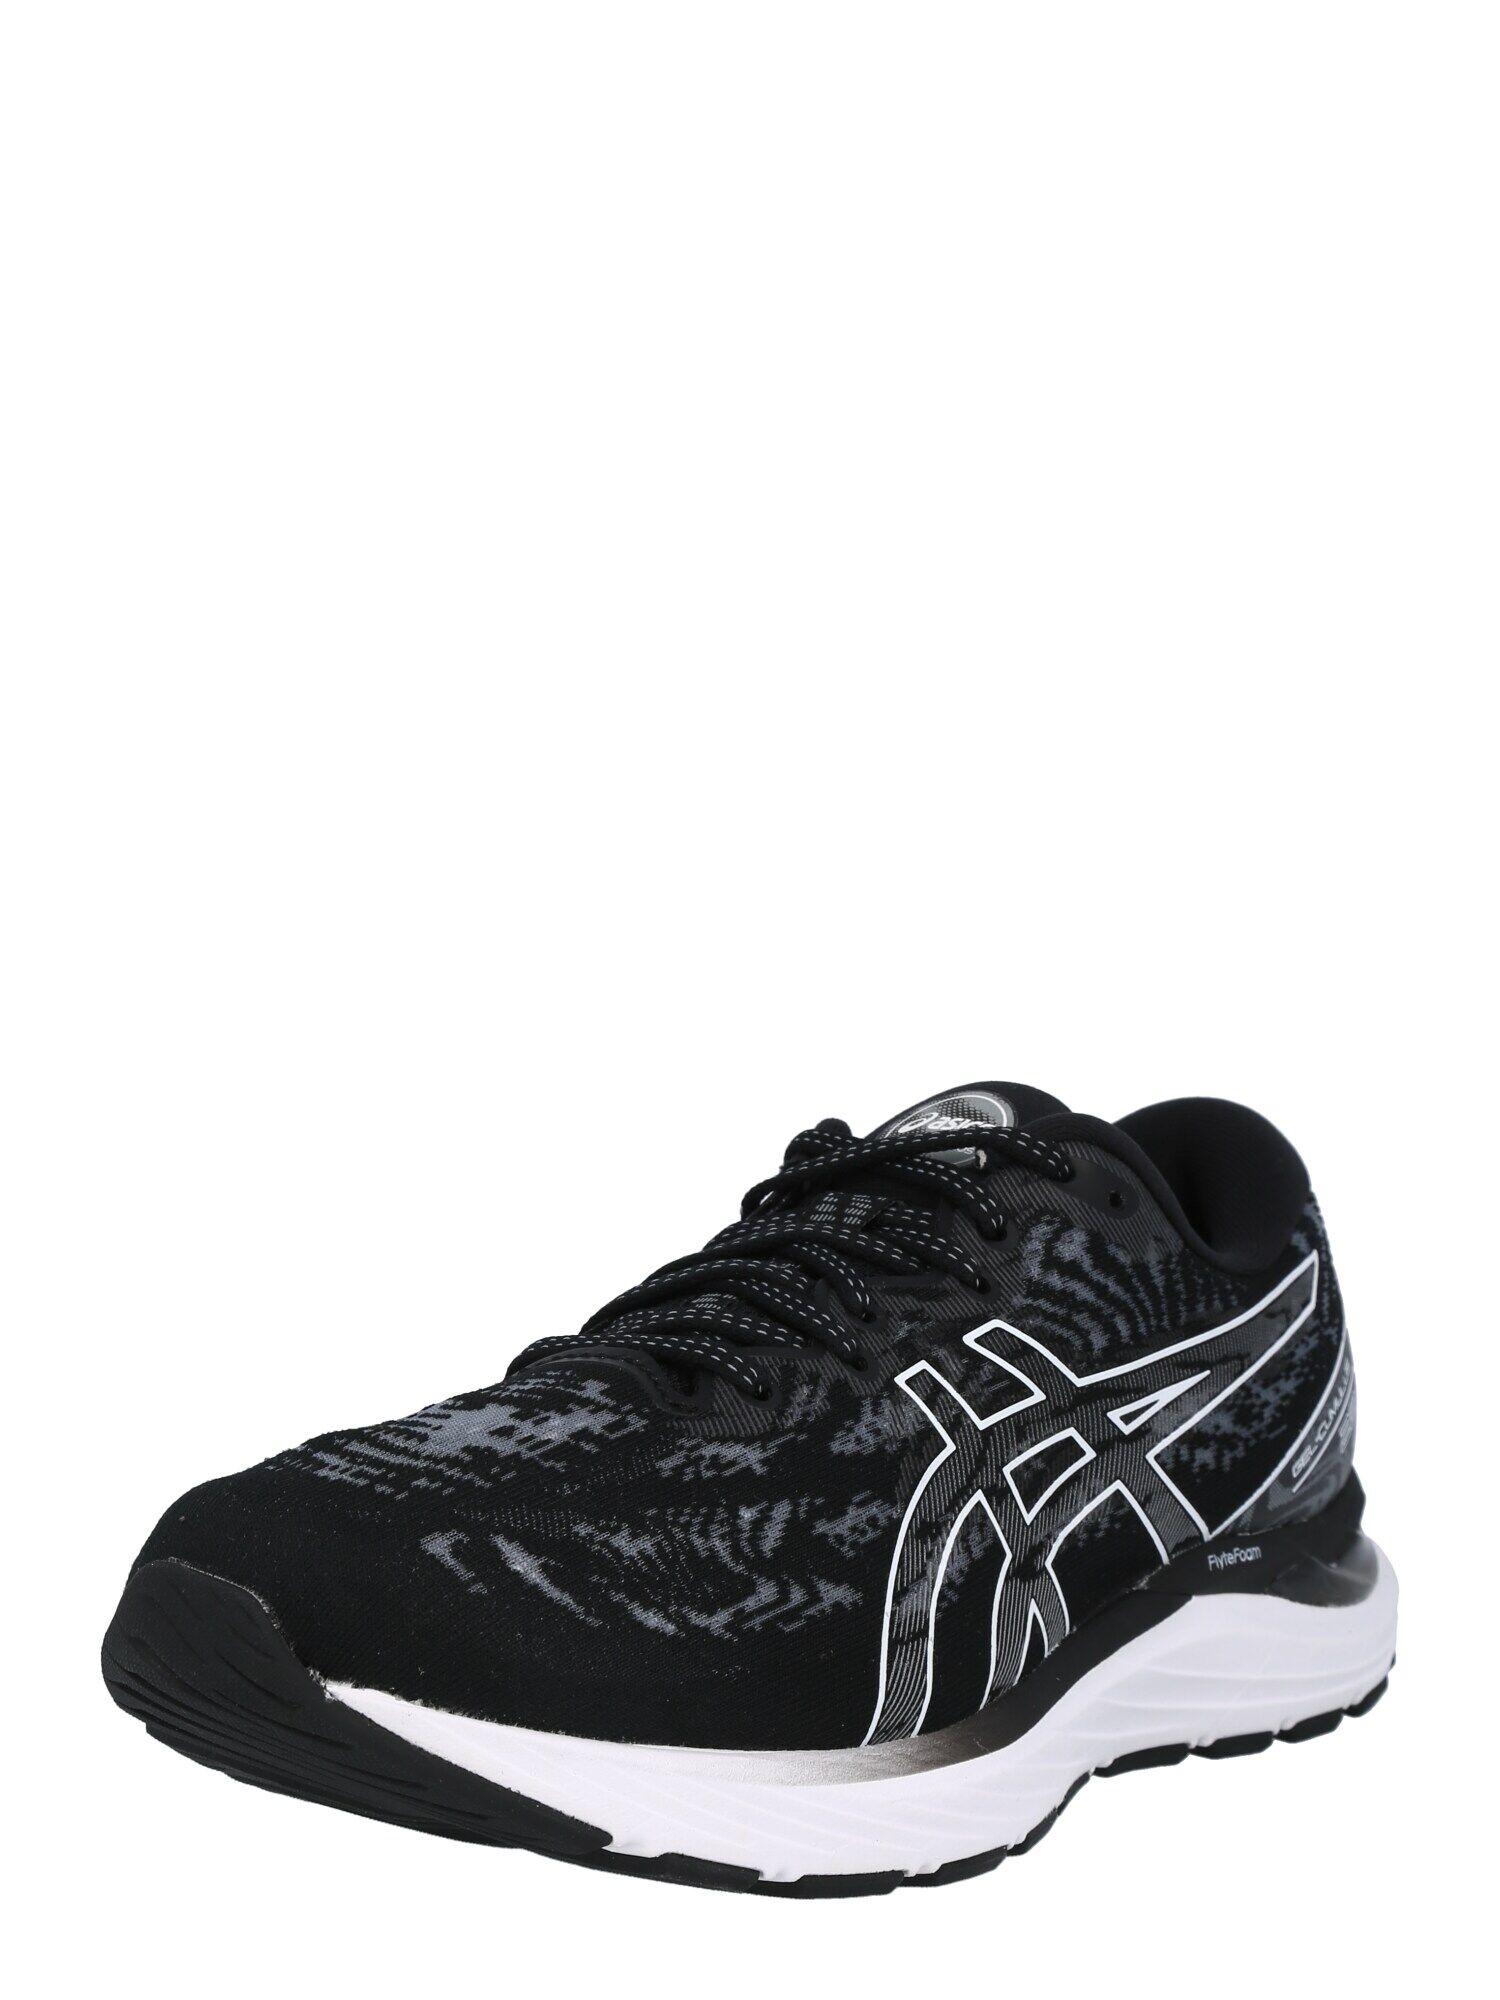 Asics Chaussure de course  - Noir - Taille: 45 - male